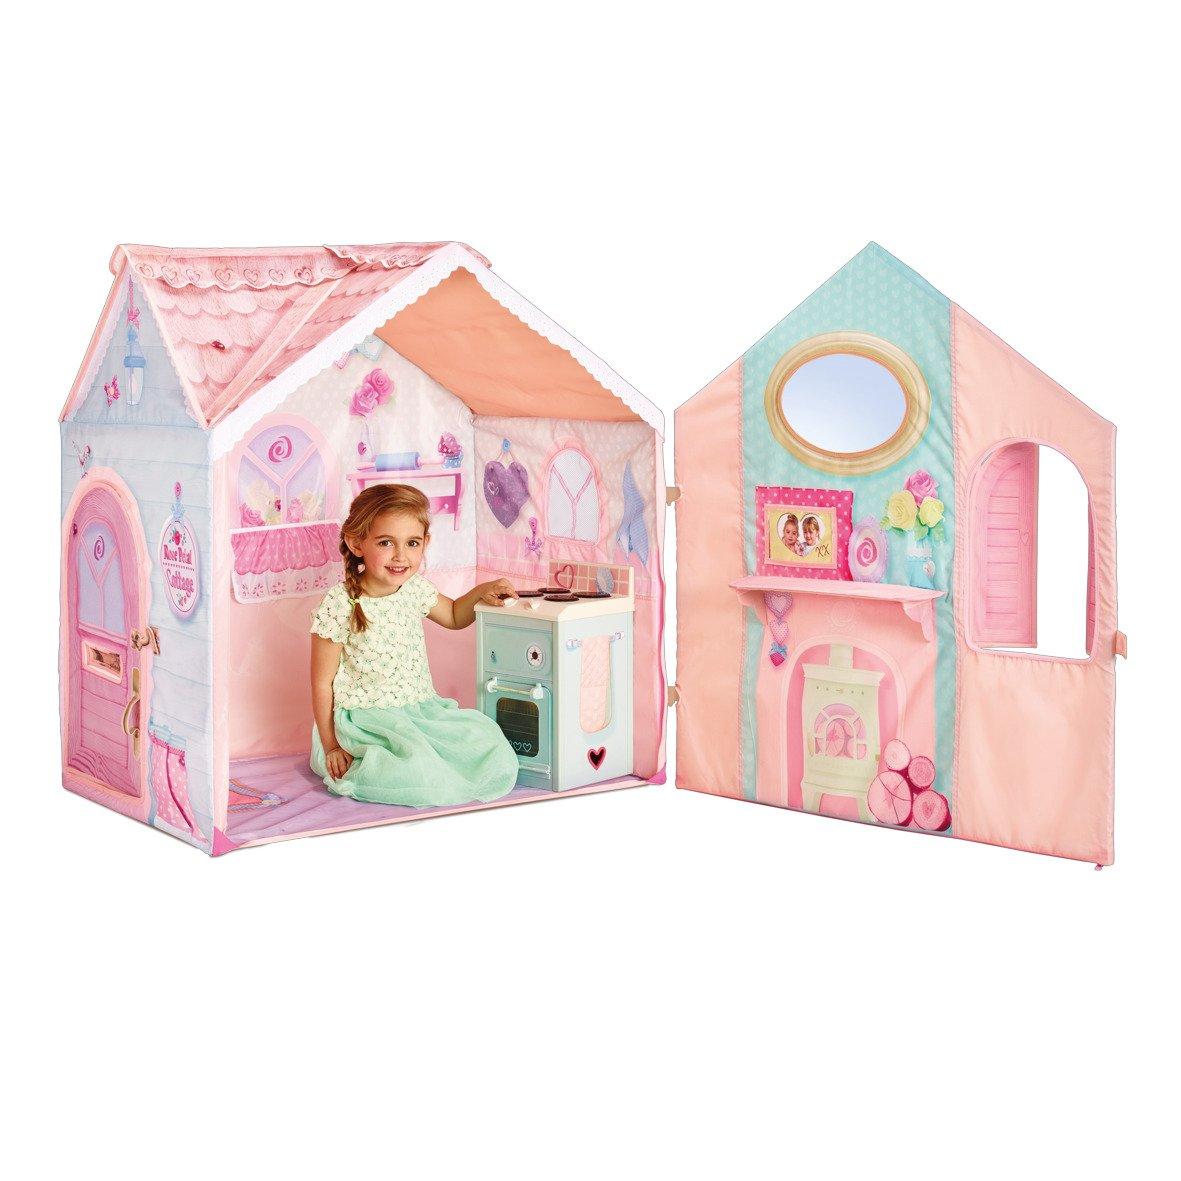 Spielhaus Mädchen Zelt Spielküche Kinderhaus Babyzelt Mädchenzelt Rosa Kinderzelt Haus kaufen